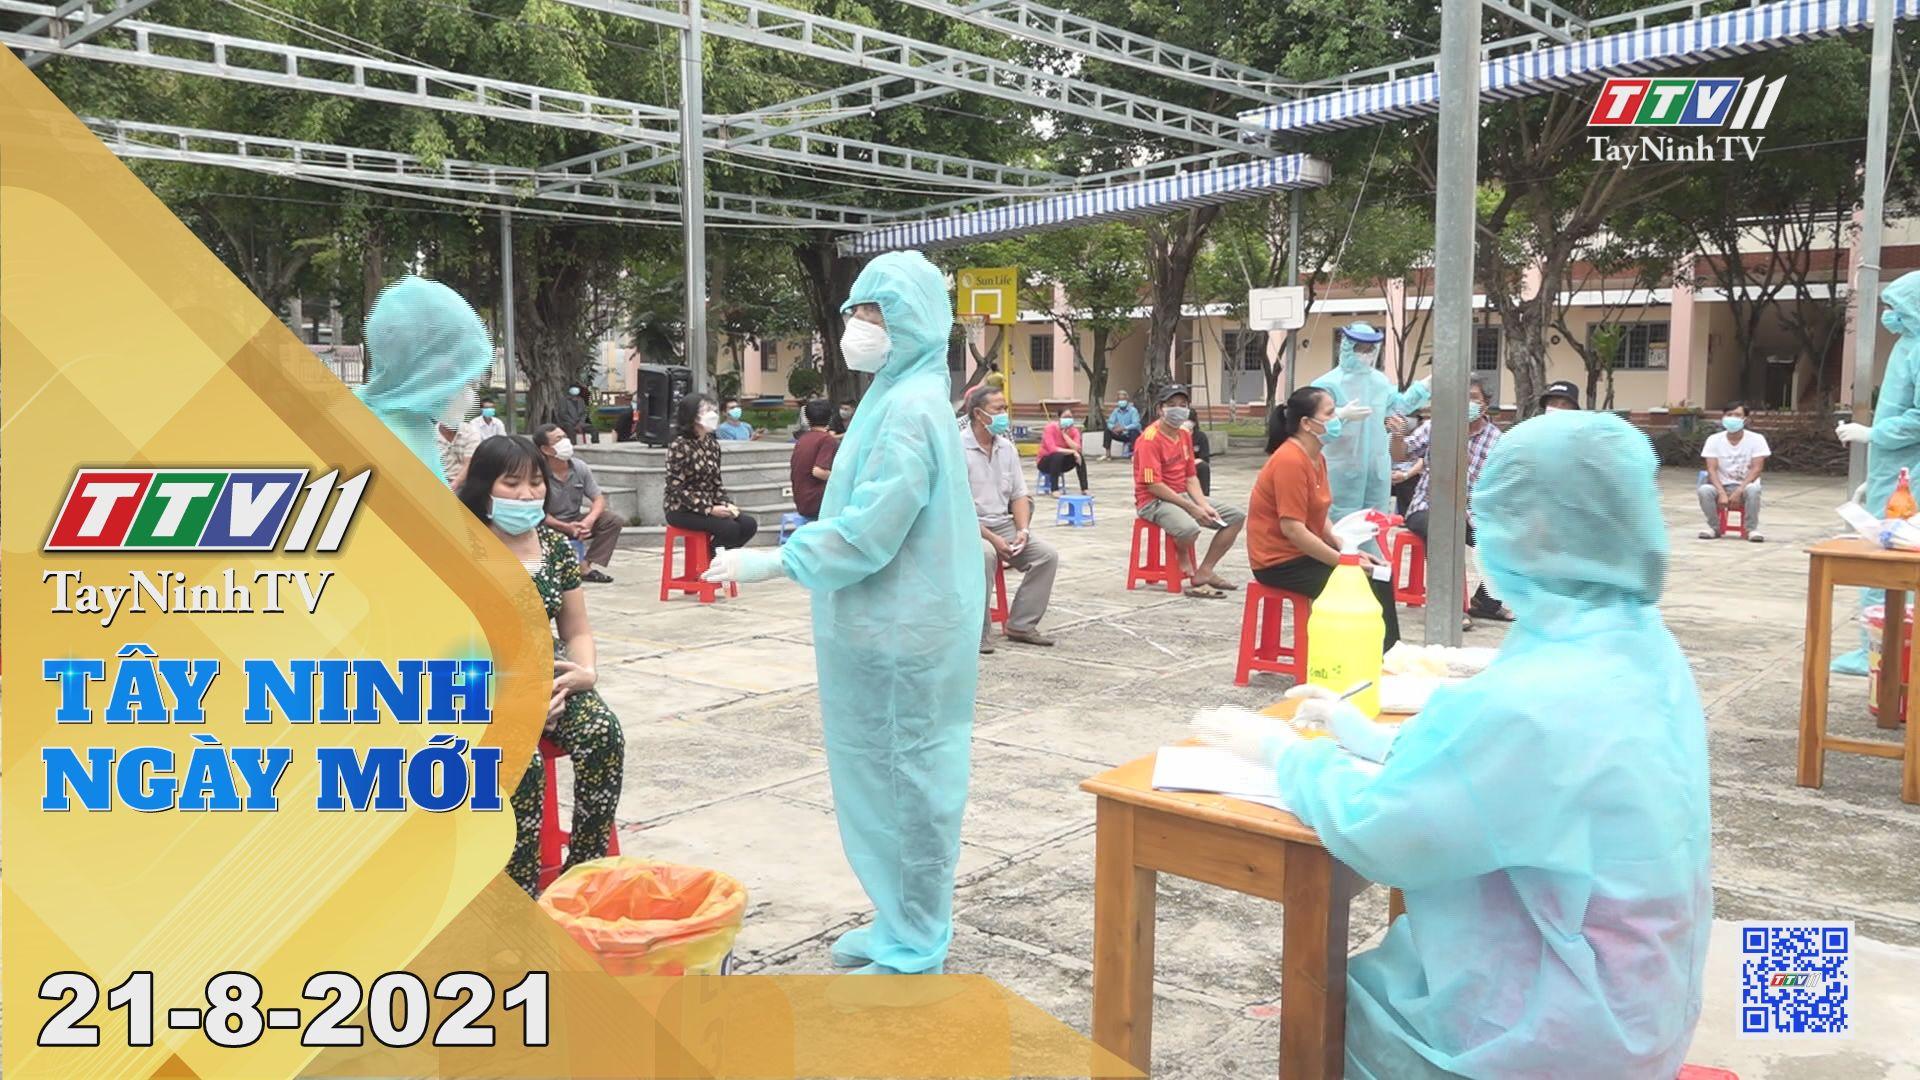 Tây Ninh Ngày Mới 21-8-2021   Tin tức hôm nay   TayNinhTV